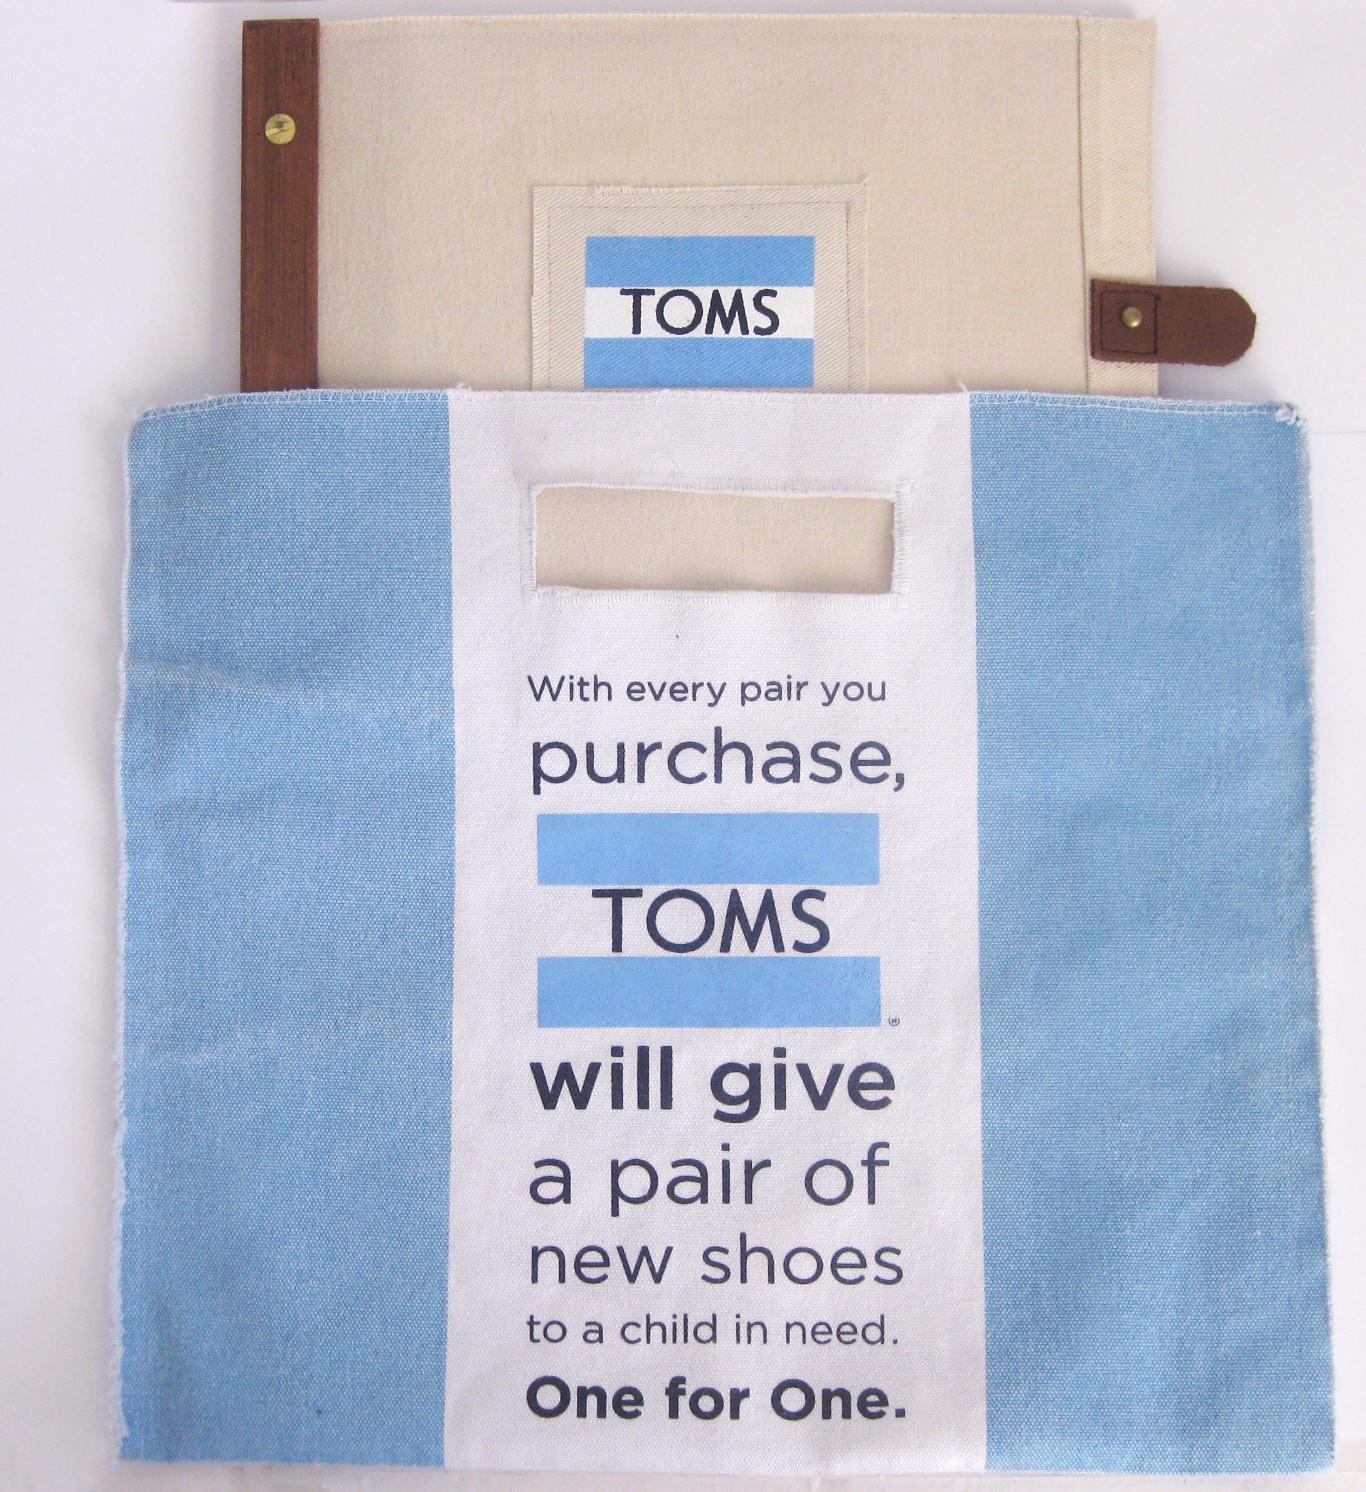 TOMS_SALES BOOK.jpg